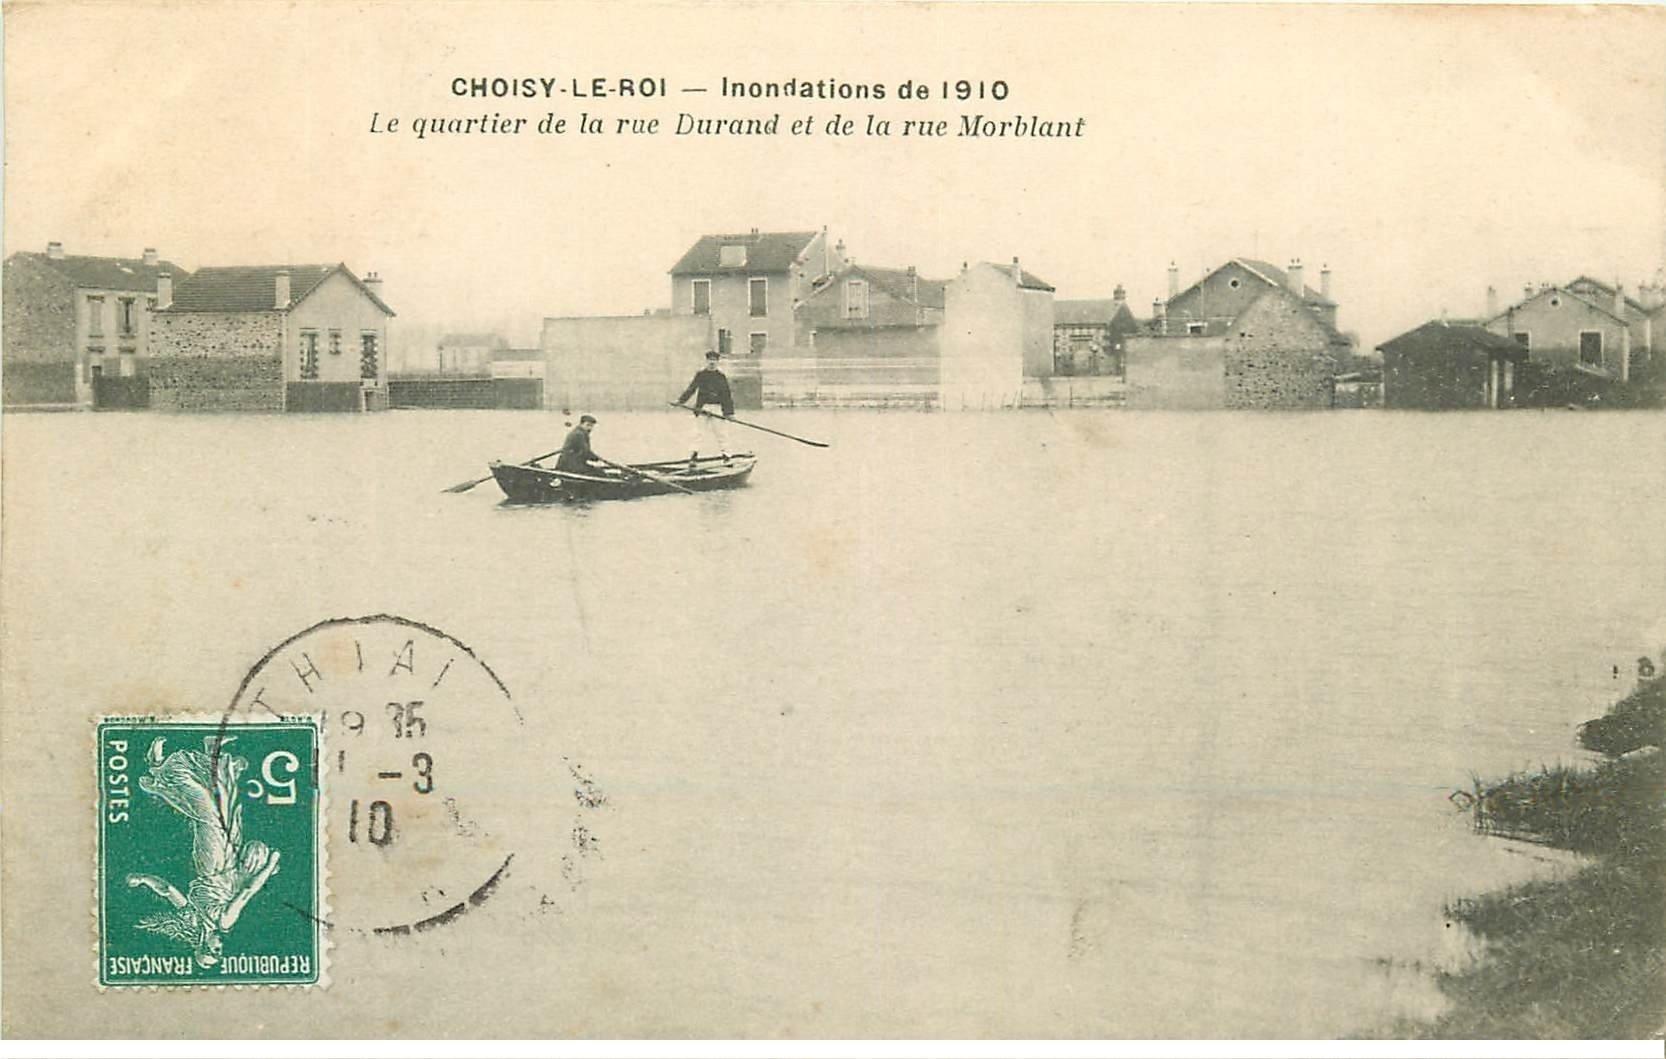 Inondations et Crue de 1910. CHOISY-LE-ROI 94. Quartier Rue Durand et Morblant